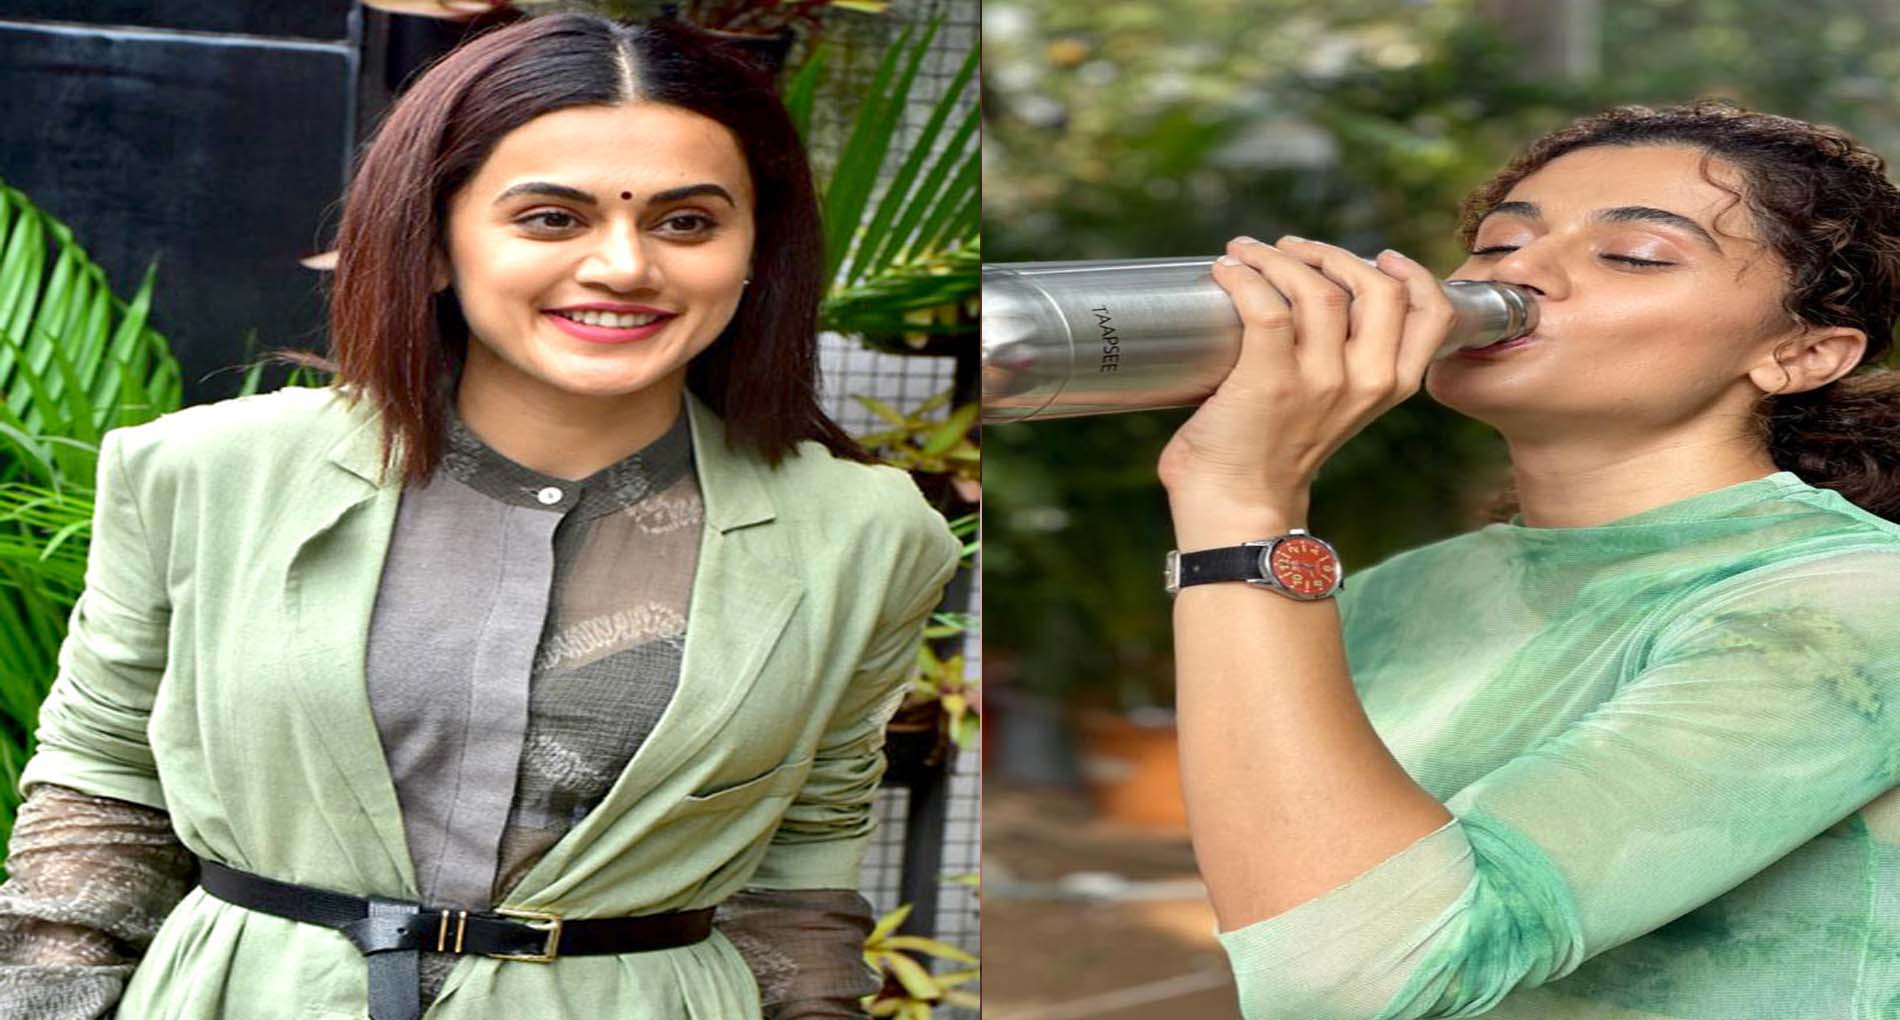 तापसी पन्नू की फ़िल्म 'लूप लपेटा' का सेट है प्लास्टिक-मुक्त